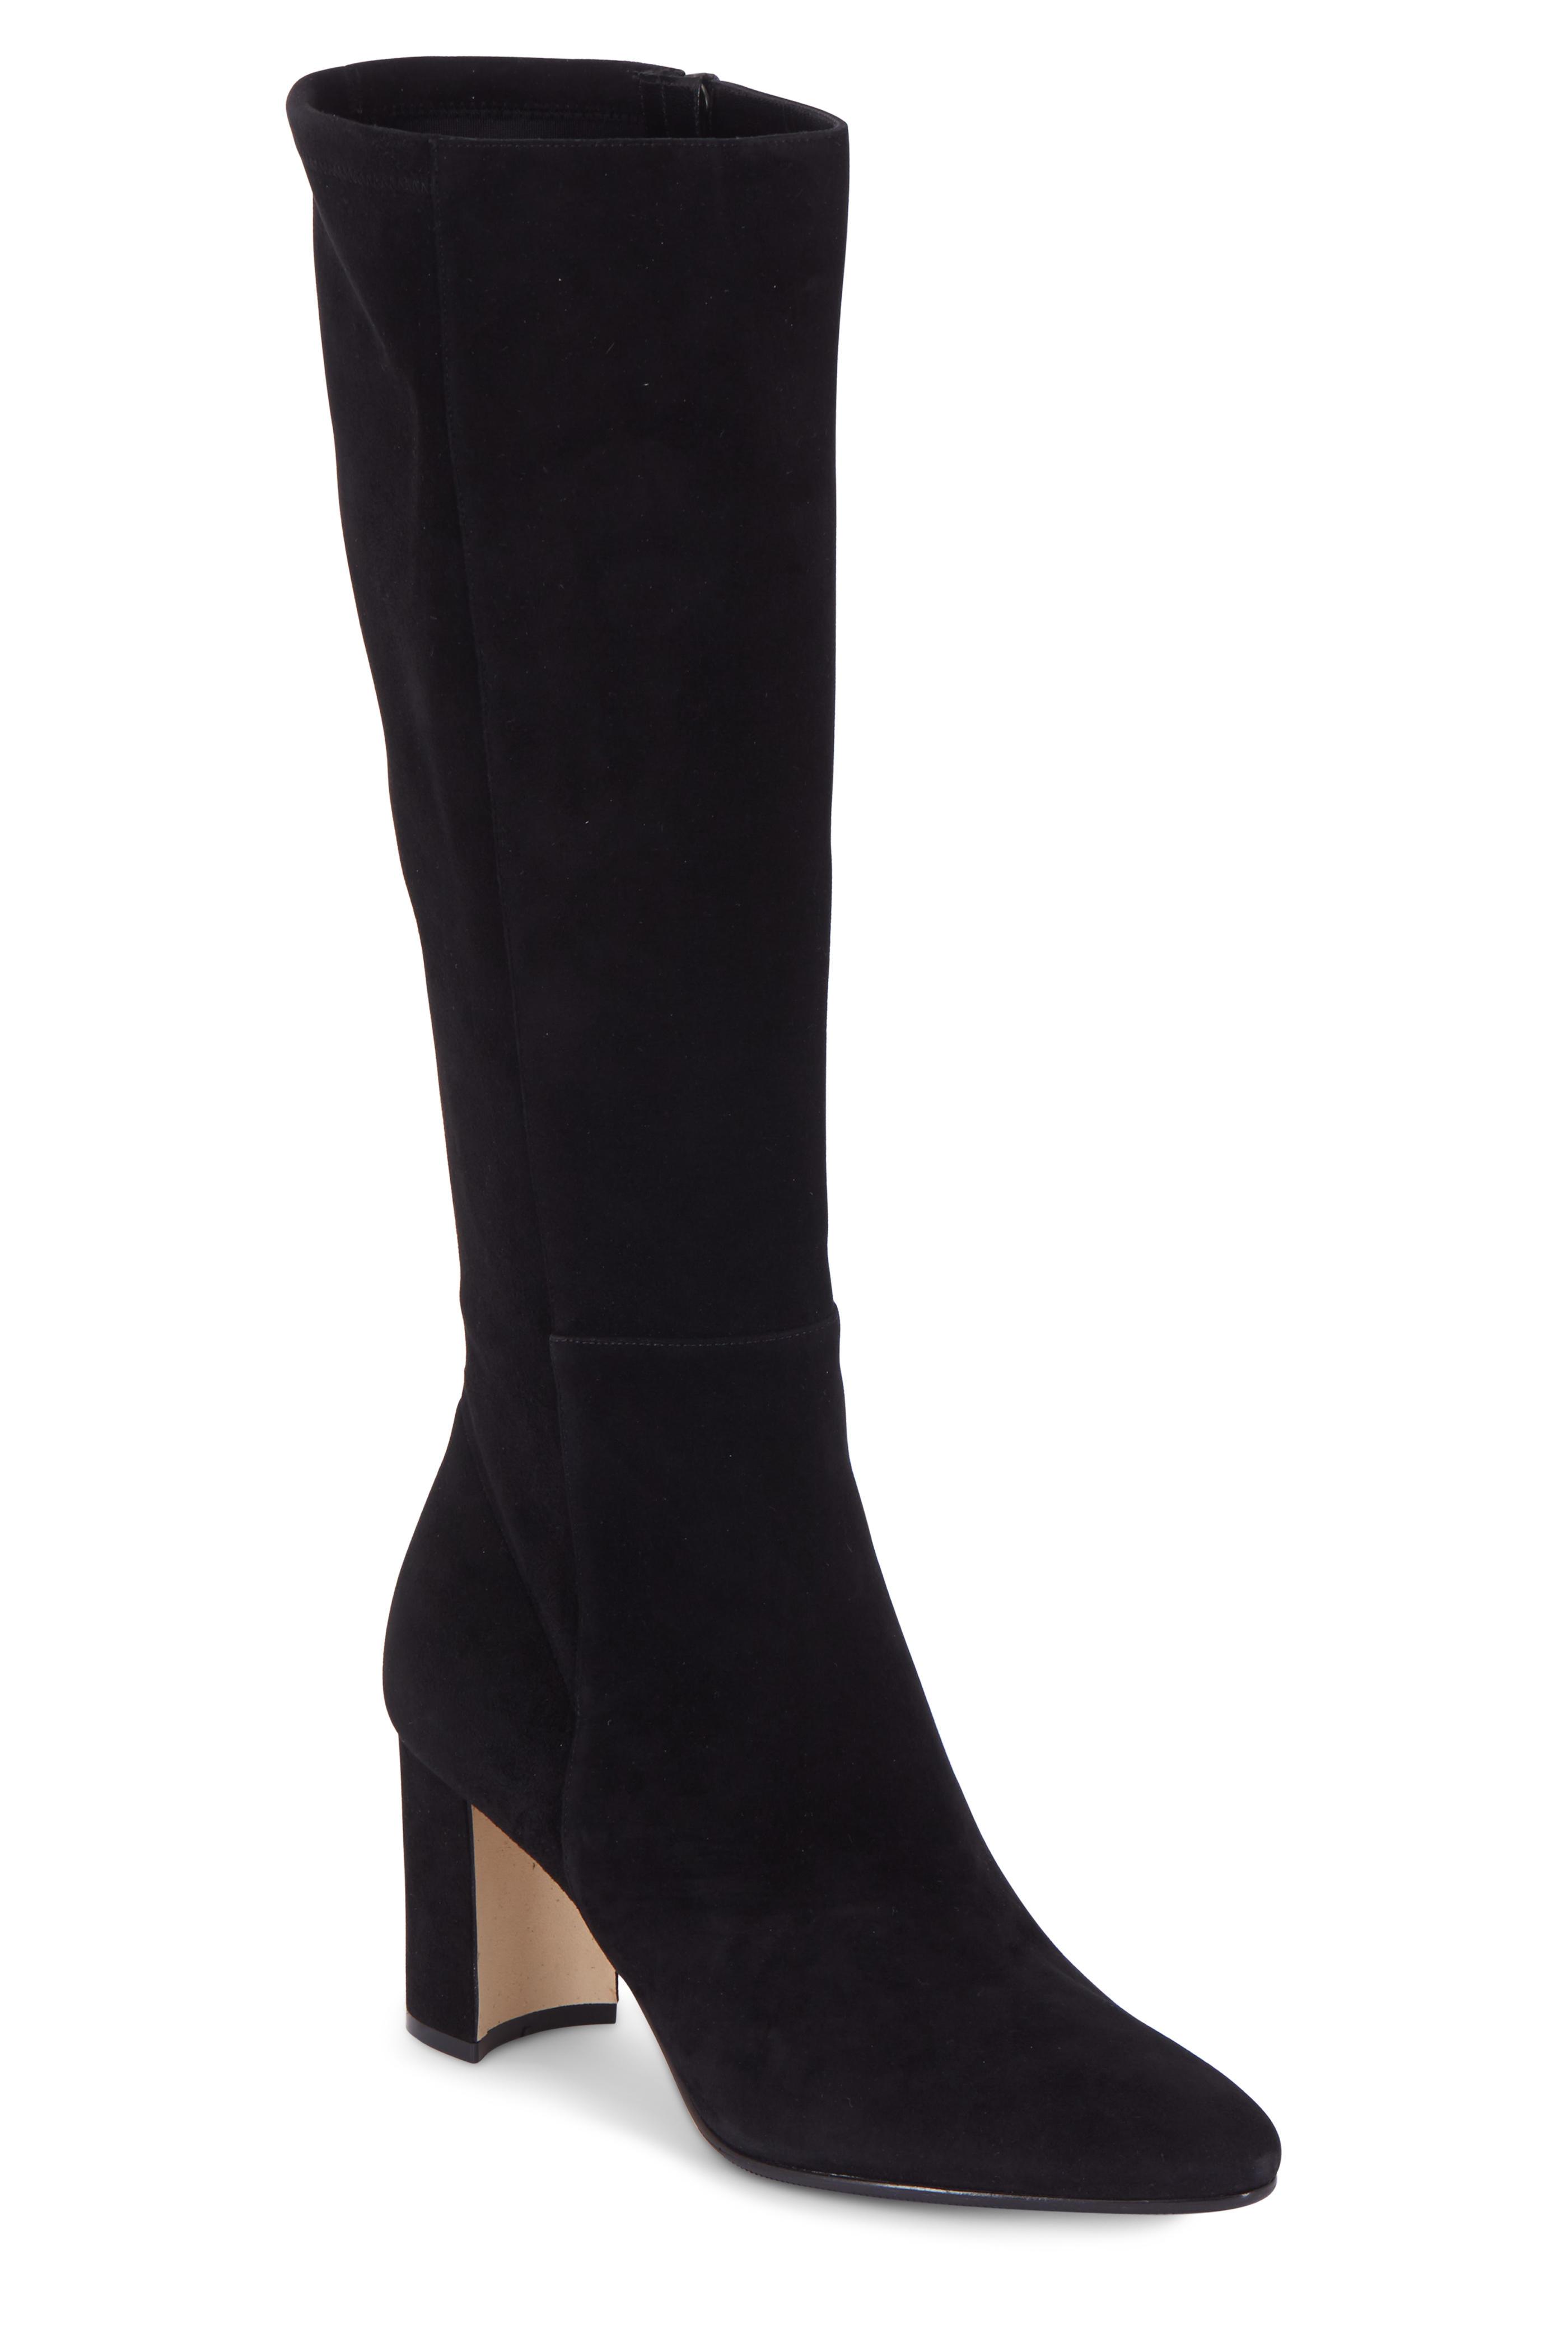 Manolo Blahnik Pita Black Stretch Suede Knee High Boot 70mm Mitchell Stores